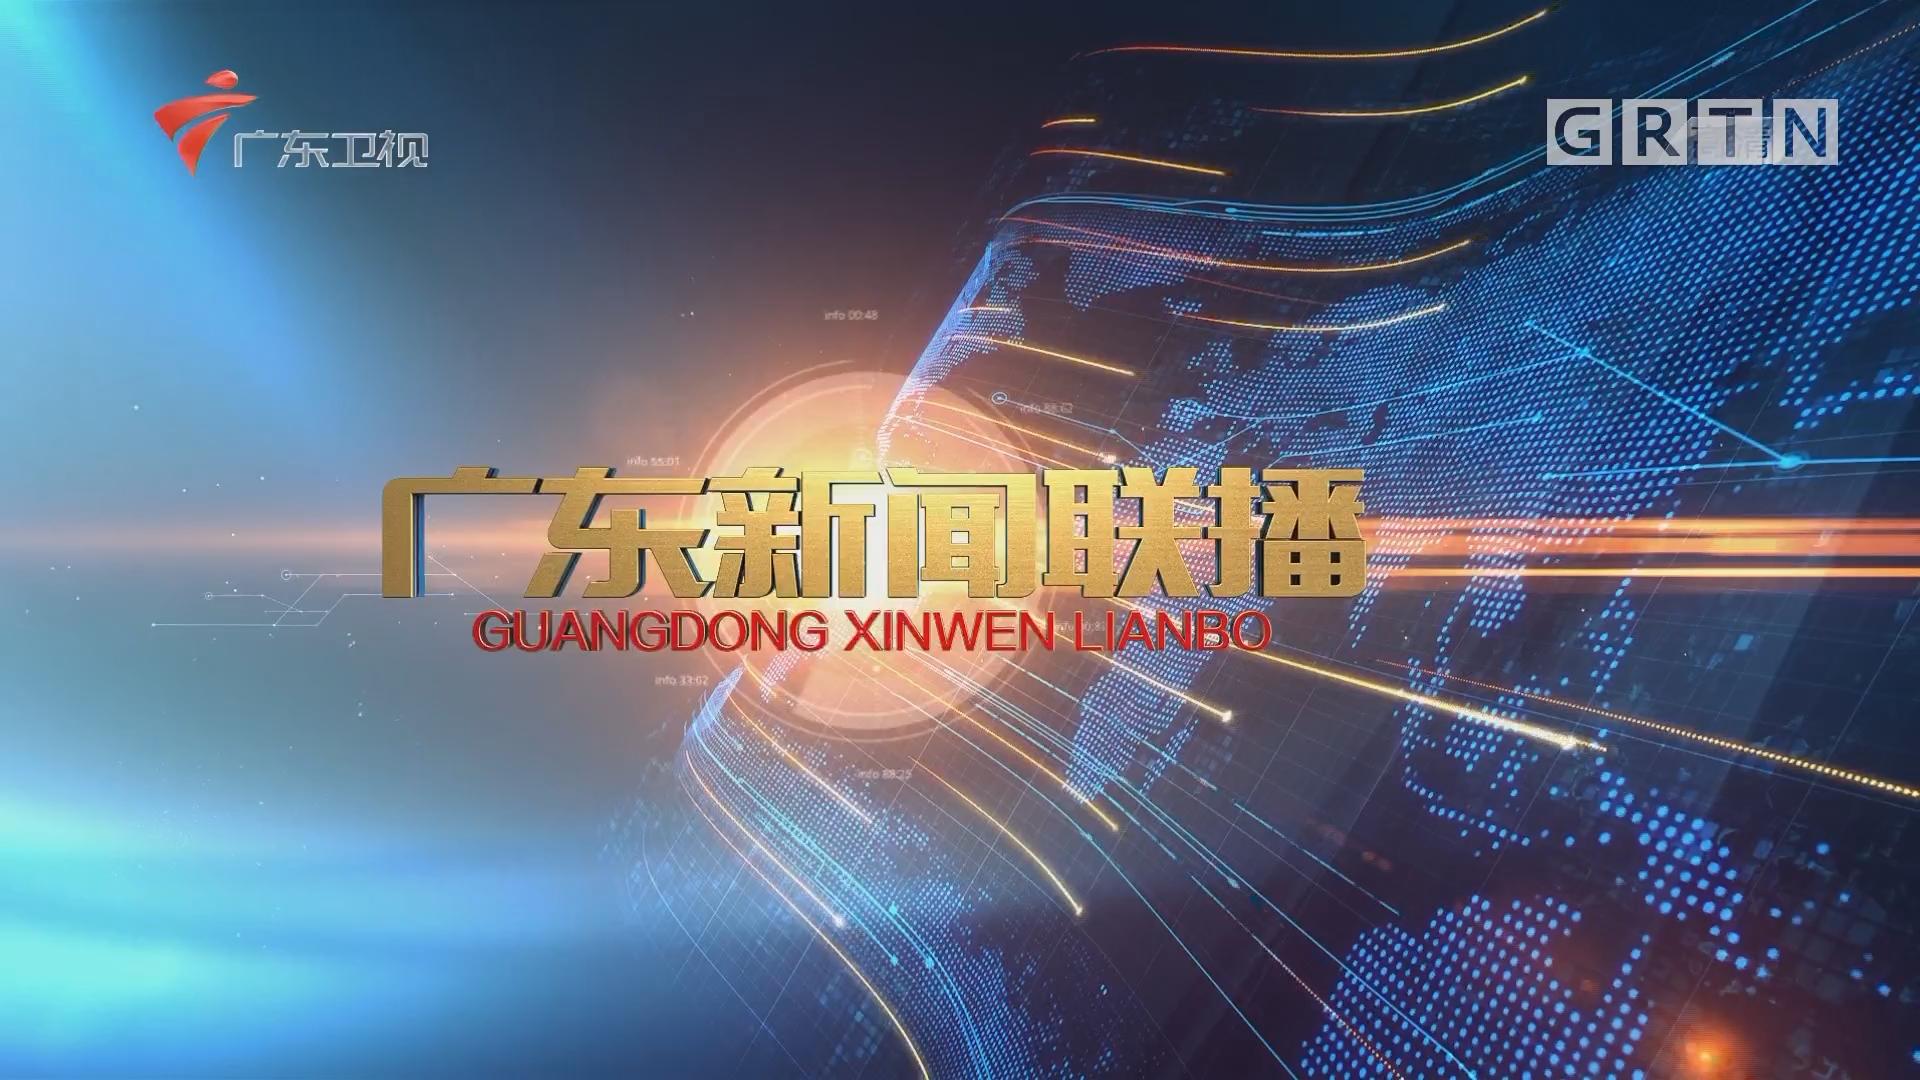 [HD][2018-04-21]广东新闻联播:横琴:深化体制机制创新 打造现代化自贸新城